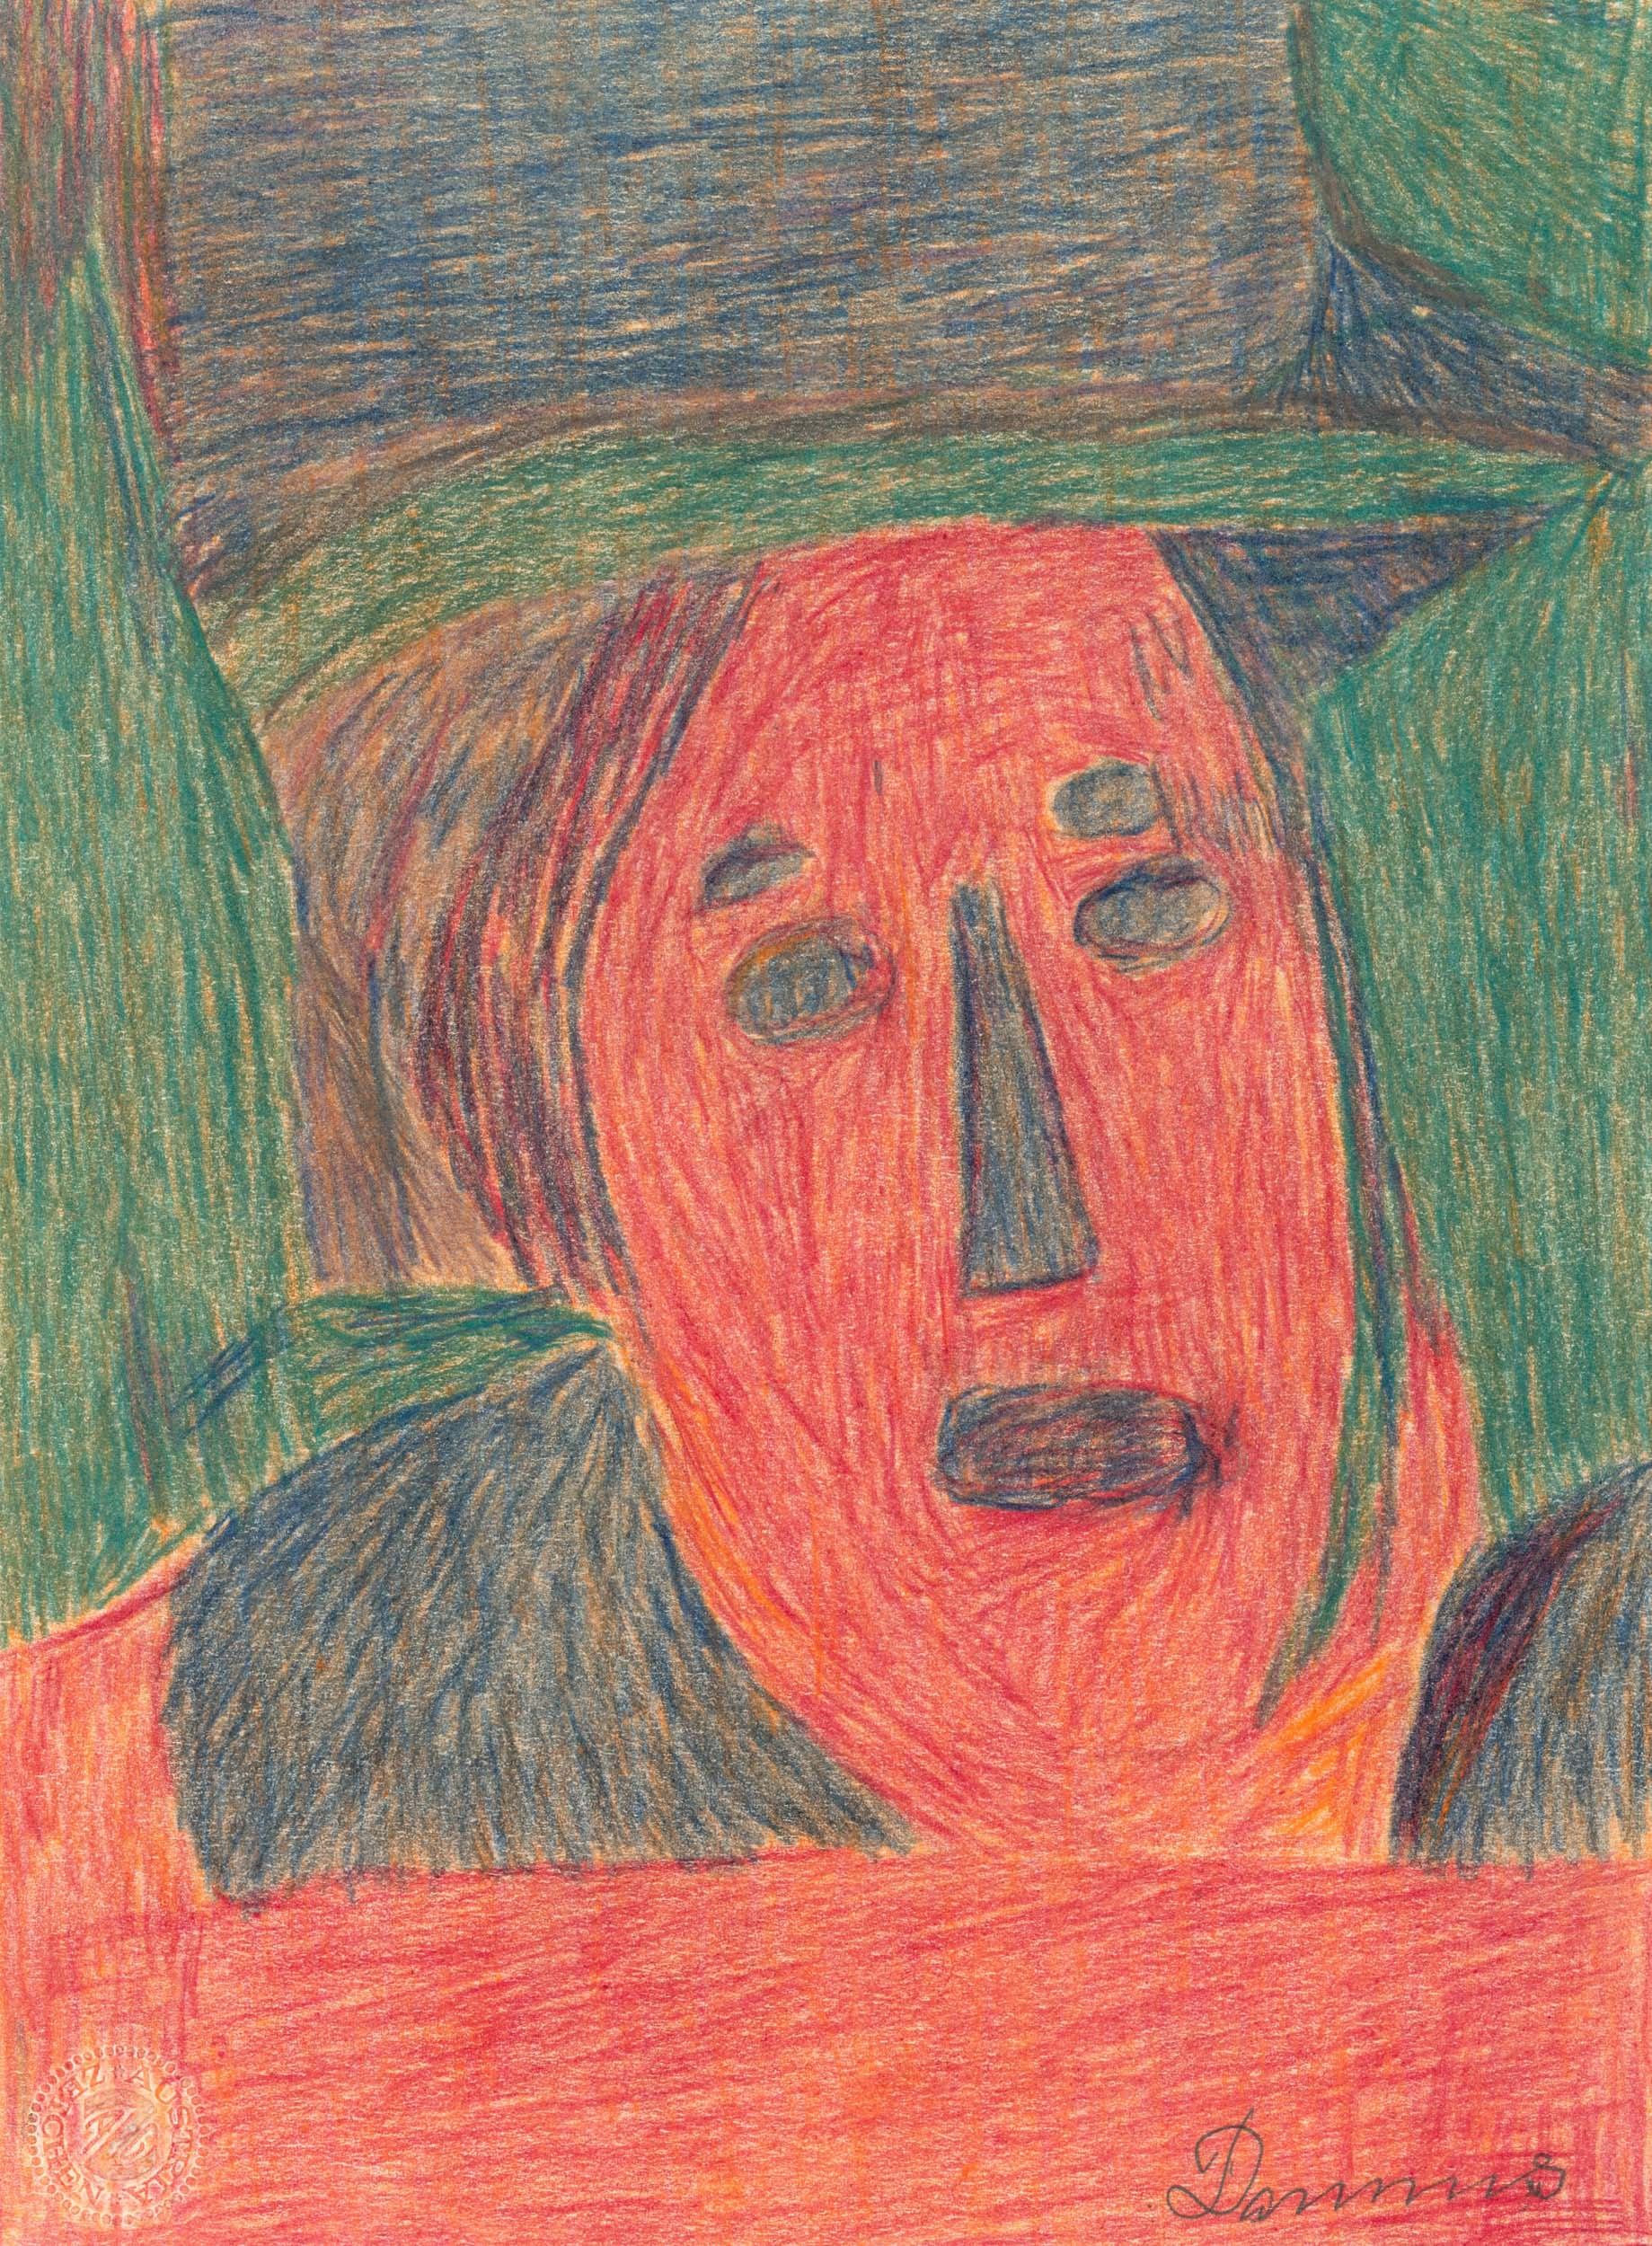 dobay anton - Kopf nach Lucas Cranach d.Ä. / Head after Lucas Cranach the Elder